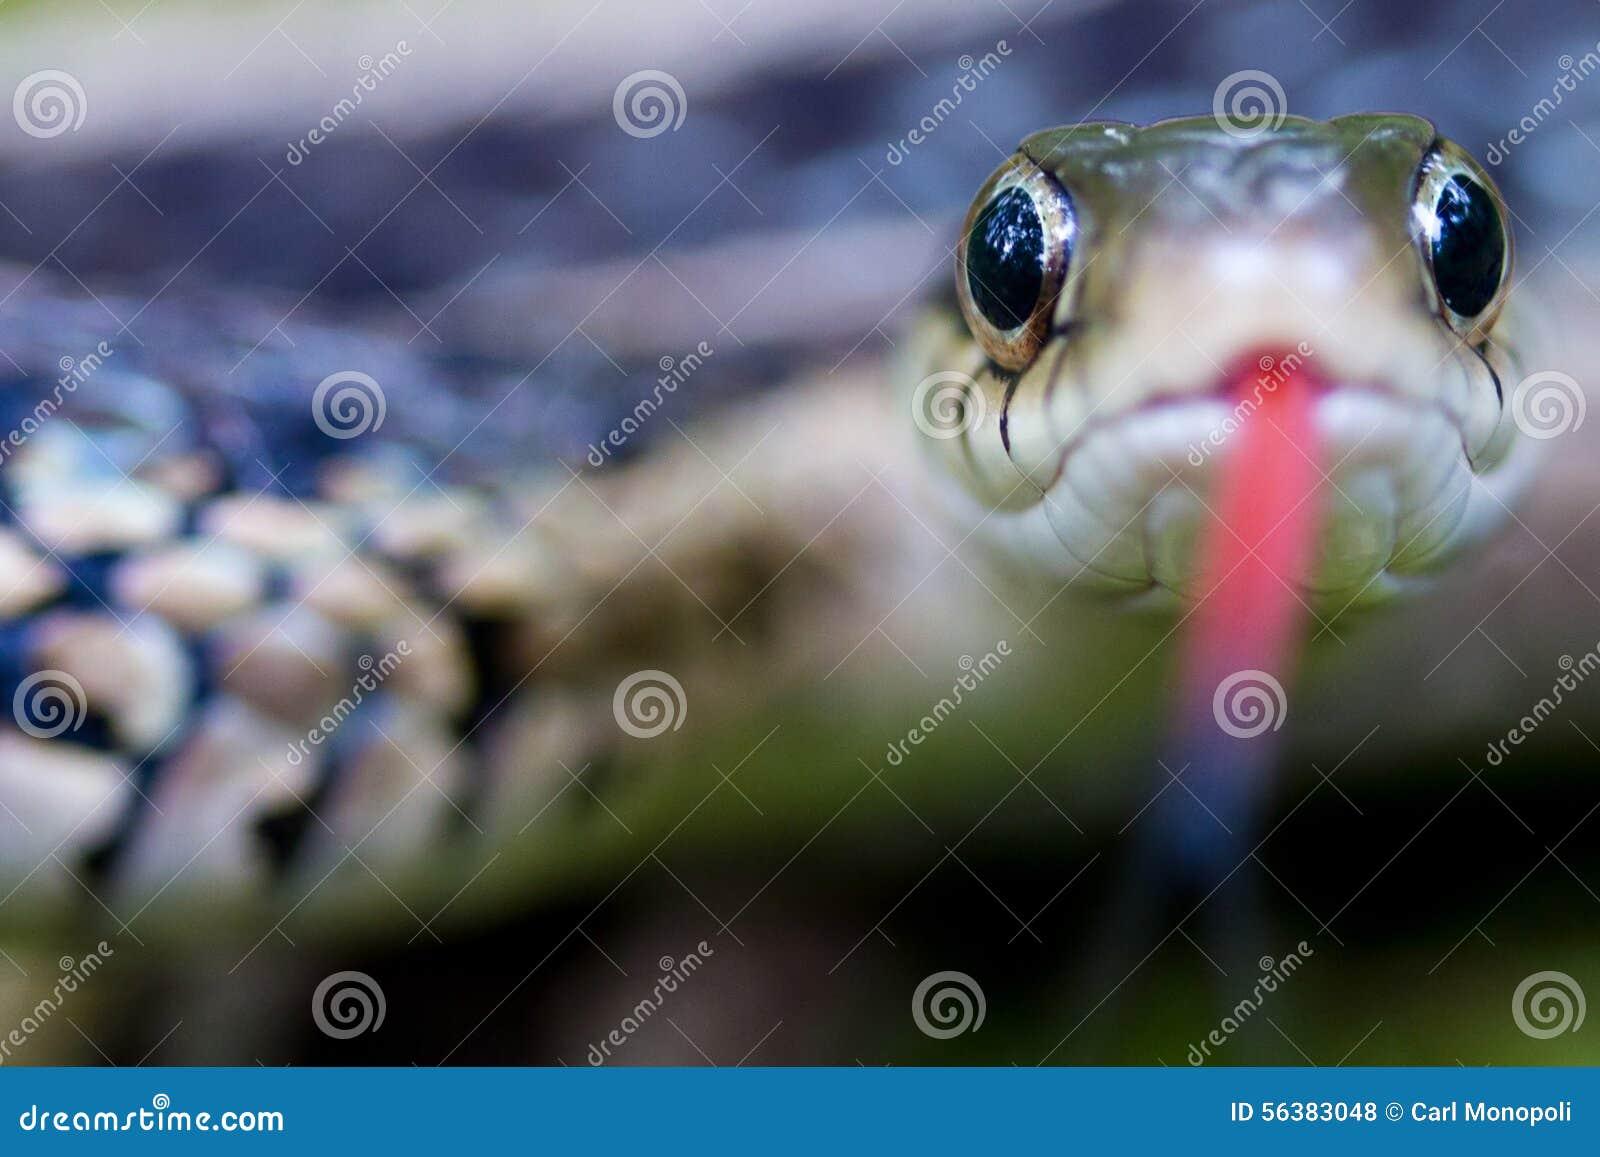 Garter snake eyes